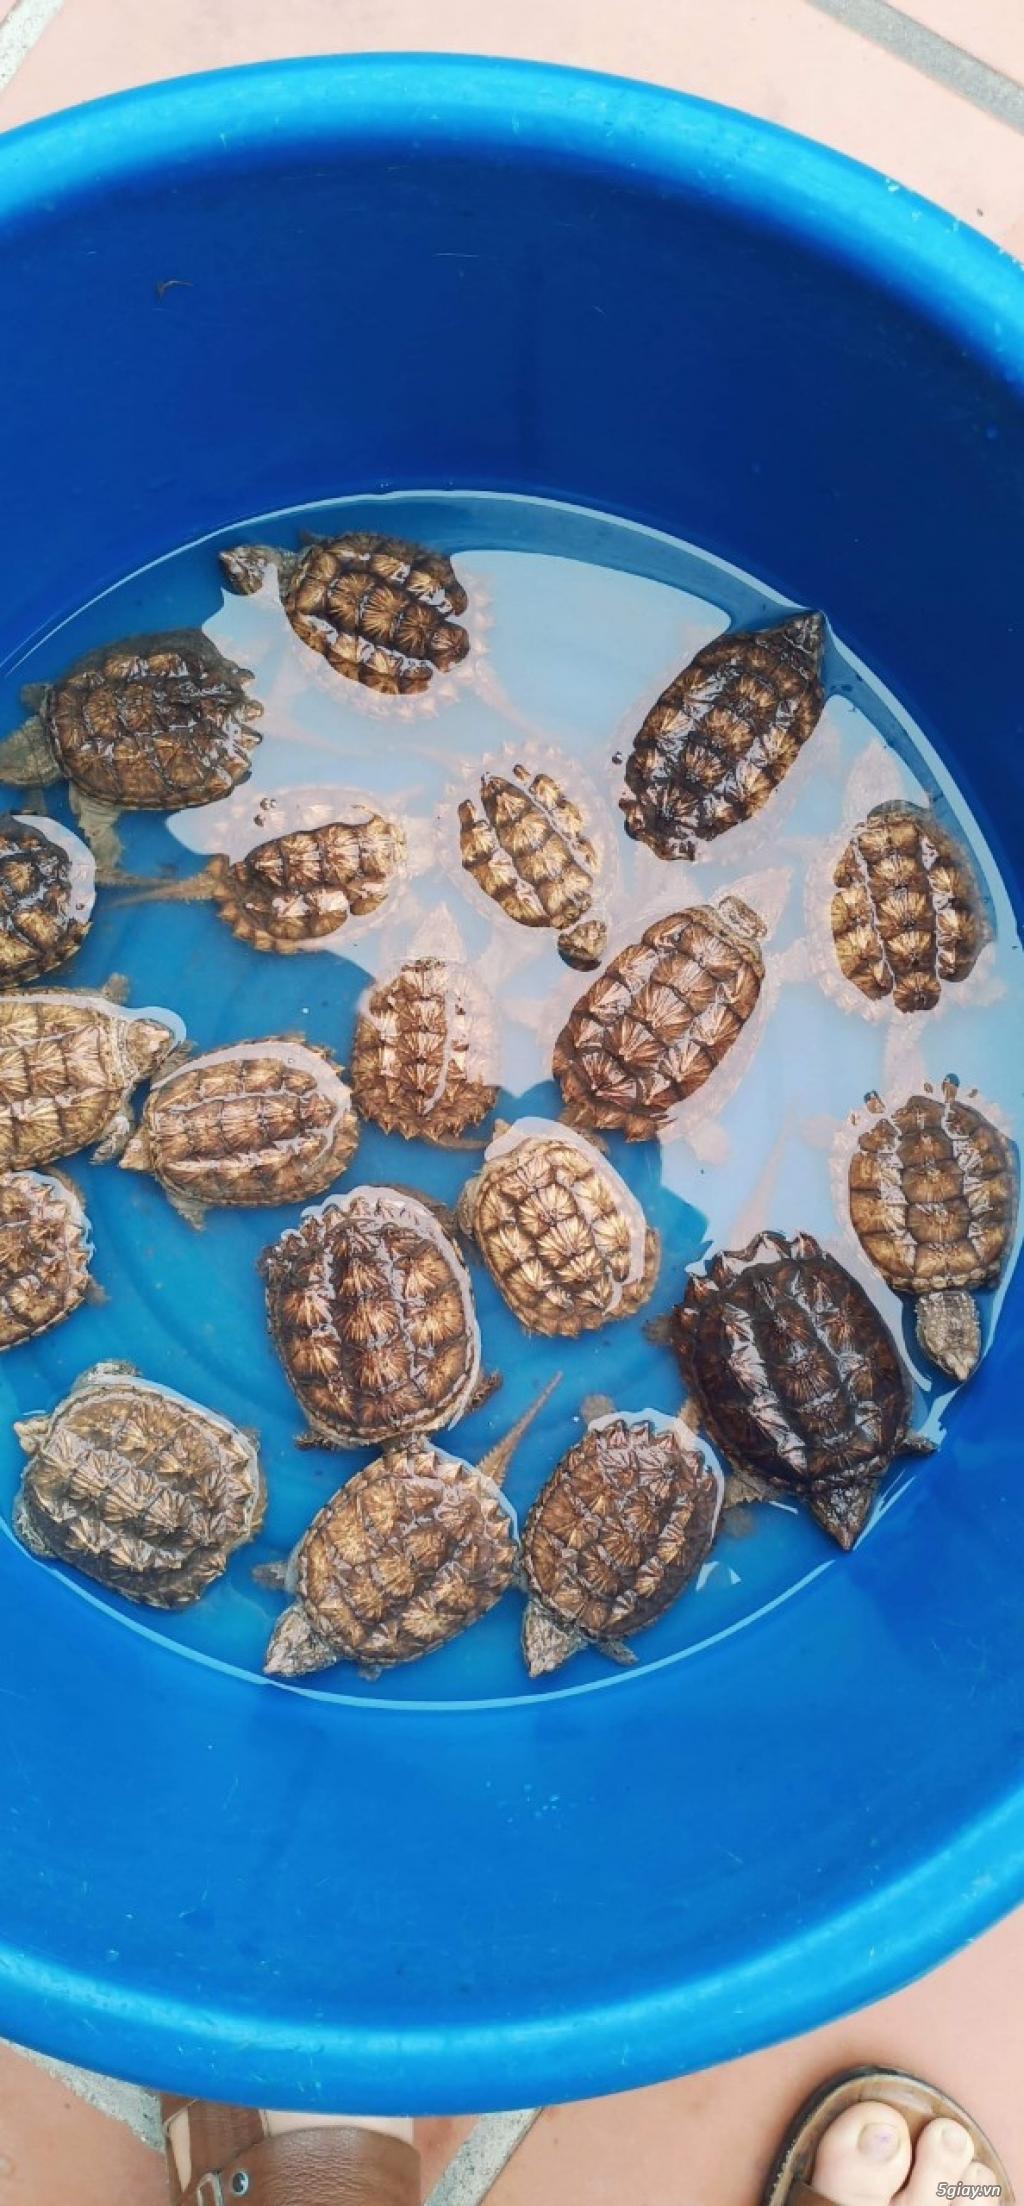 Rùa Cảnh Online - Chuyên các loại rùa common, rùa cá sấu - 4